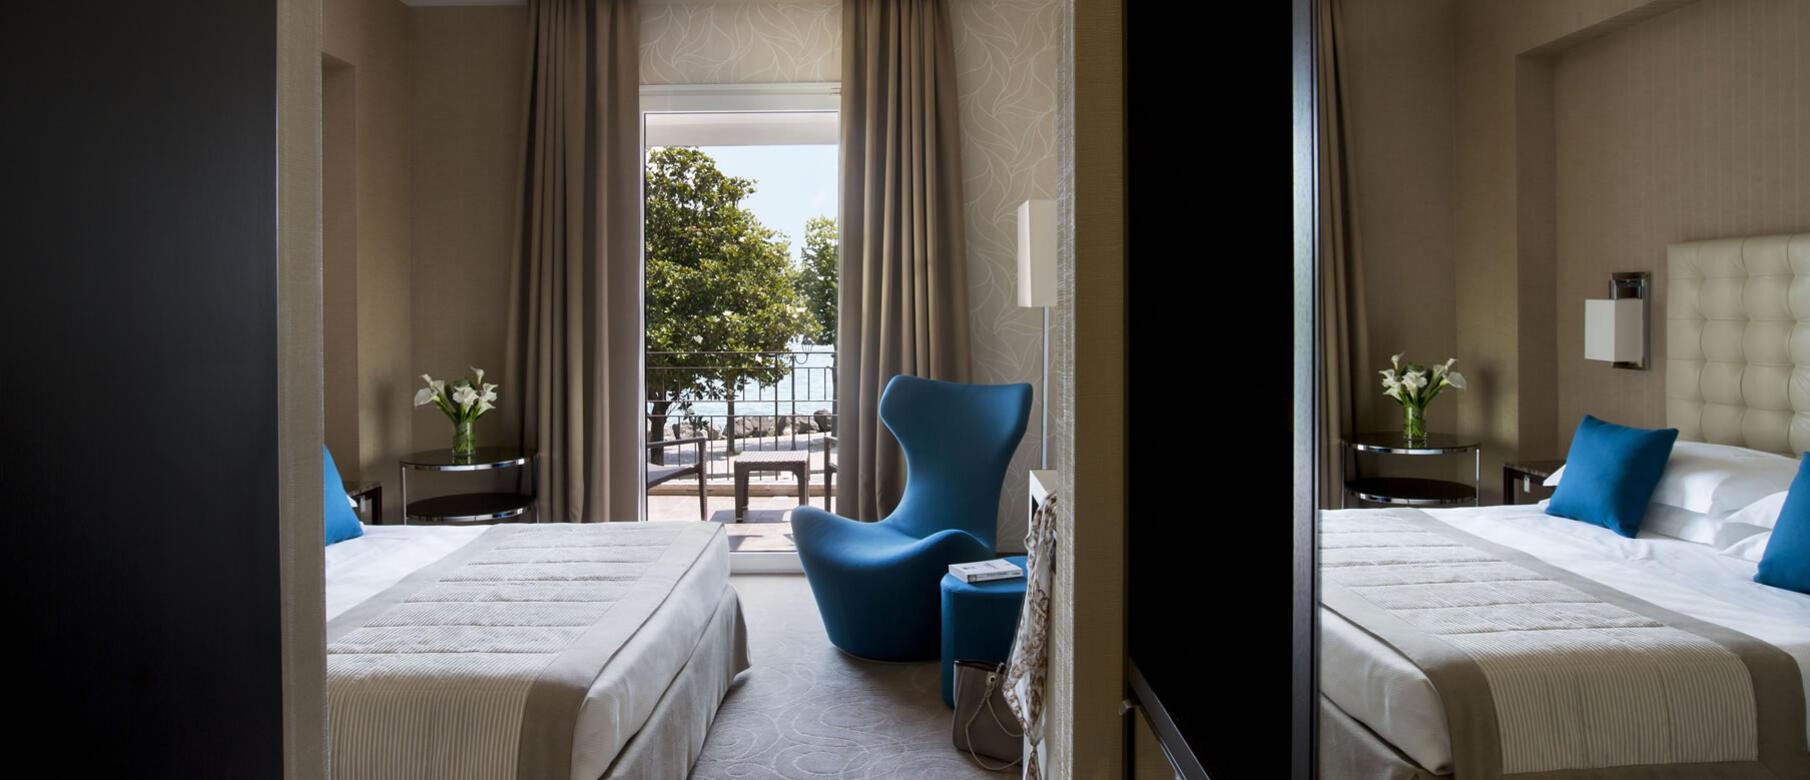 superior zimmer im hotel in desenzano seeblick mit balkon